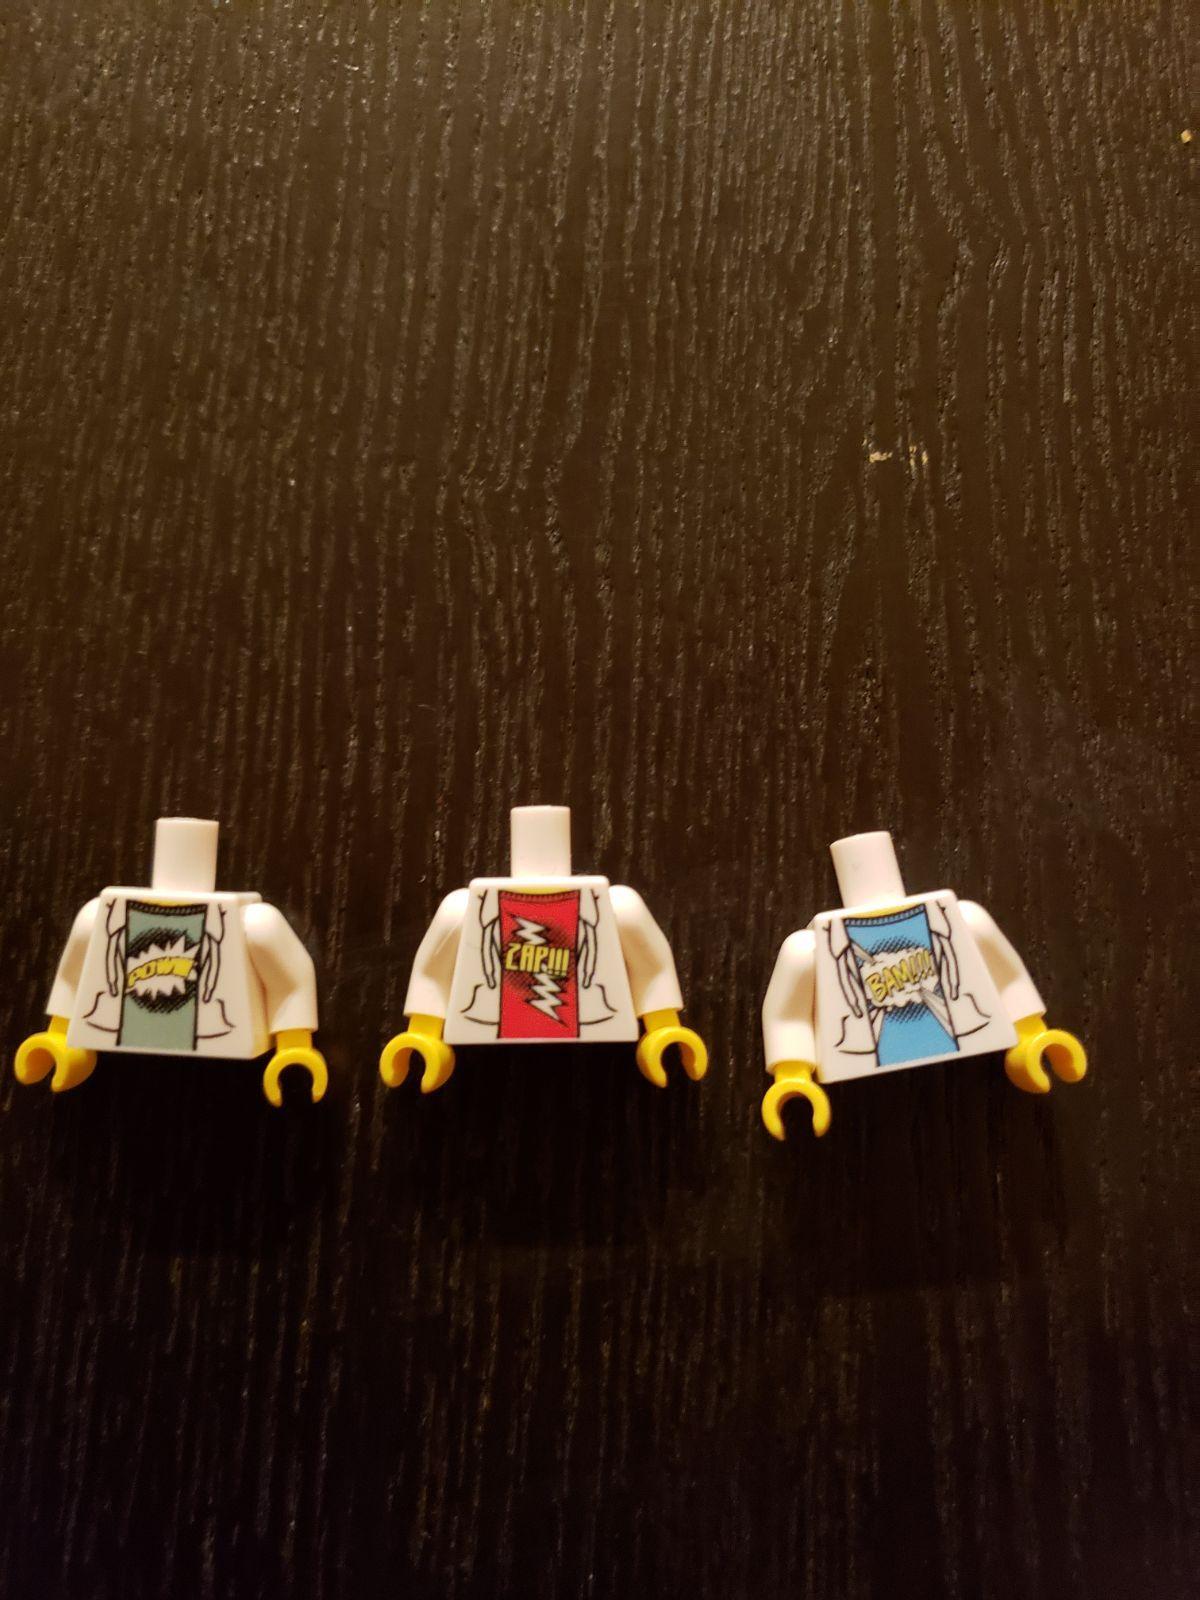 Zap!!! SDCC 2019 Exclusive Set LEGO Minifigure Torsos Bam!!